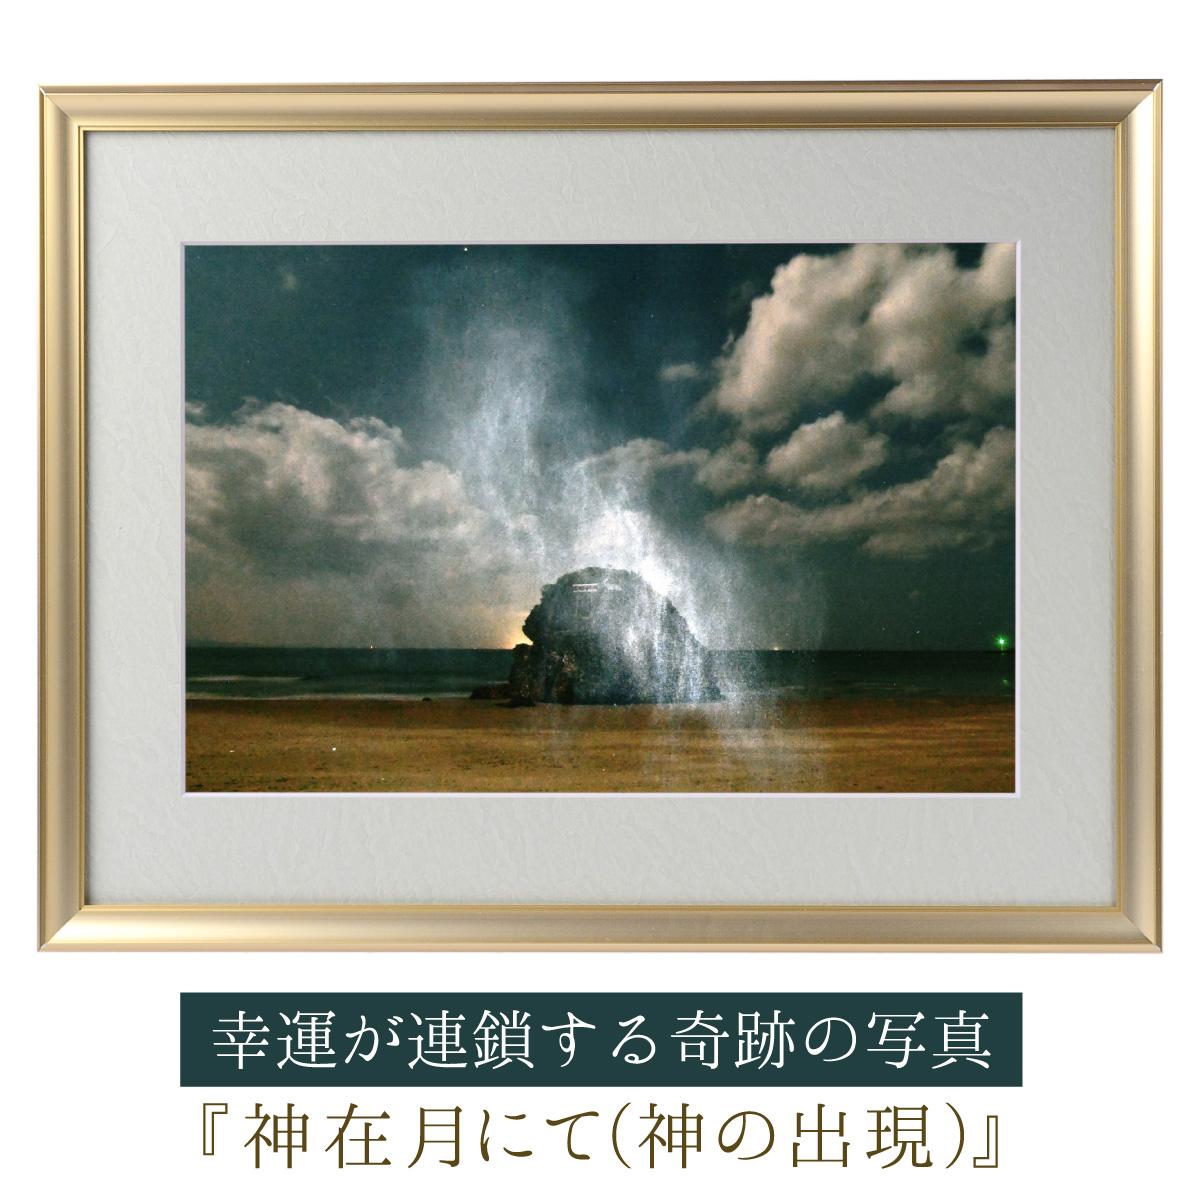 【奇跡の写真】神在月にて(神の出現) ≫ 幸福が連鎖すると話題の「奇跡の写真」 開運写真家 秋元隆良 公認ショップ ゆほびかGOLDの特集で話題!